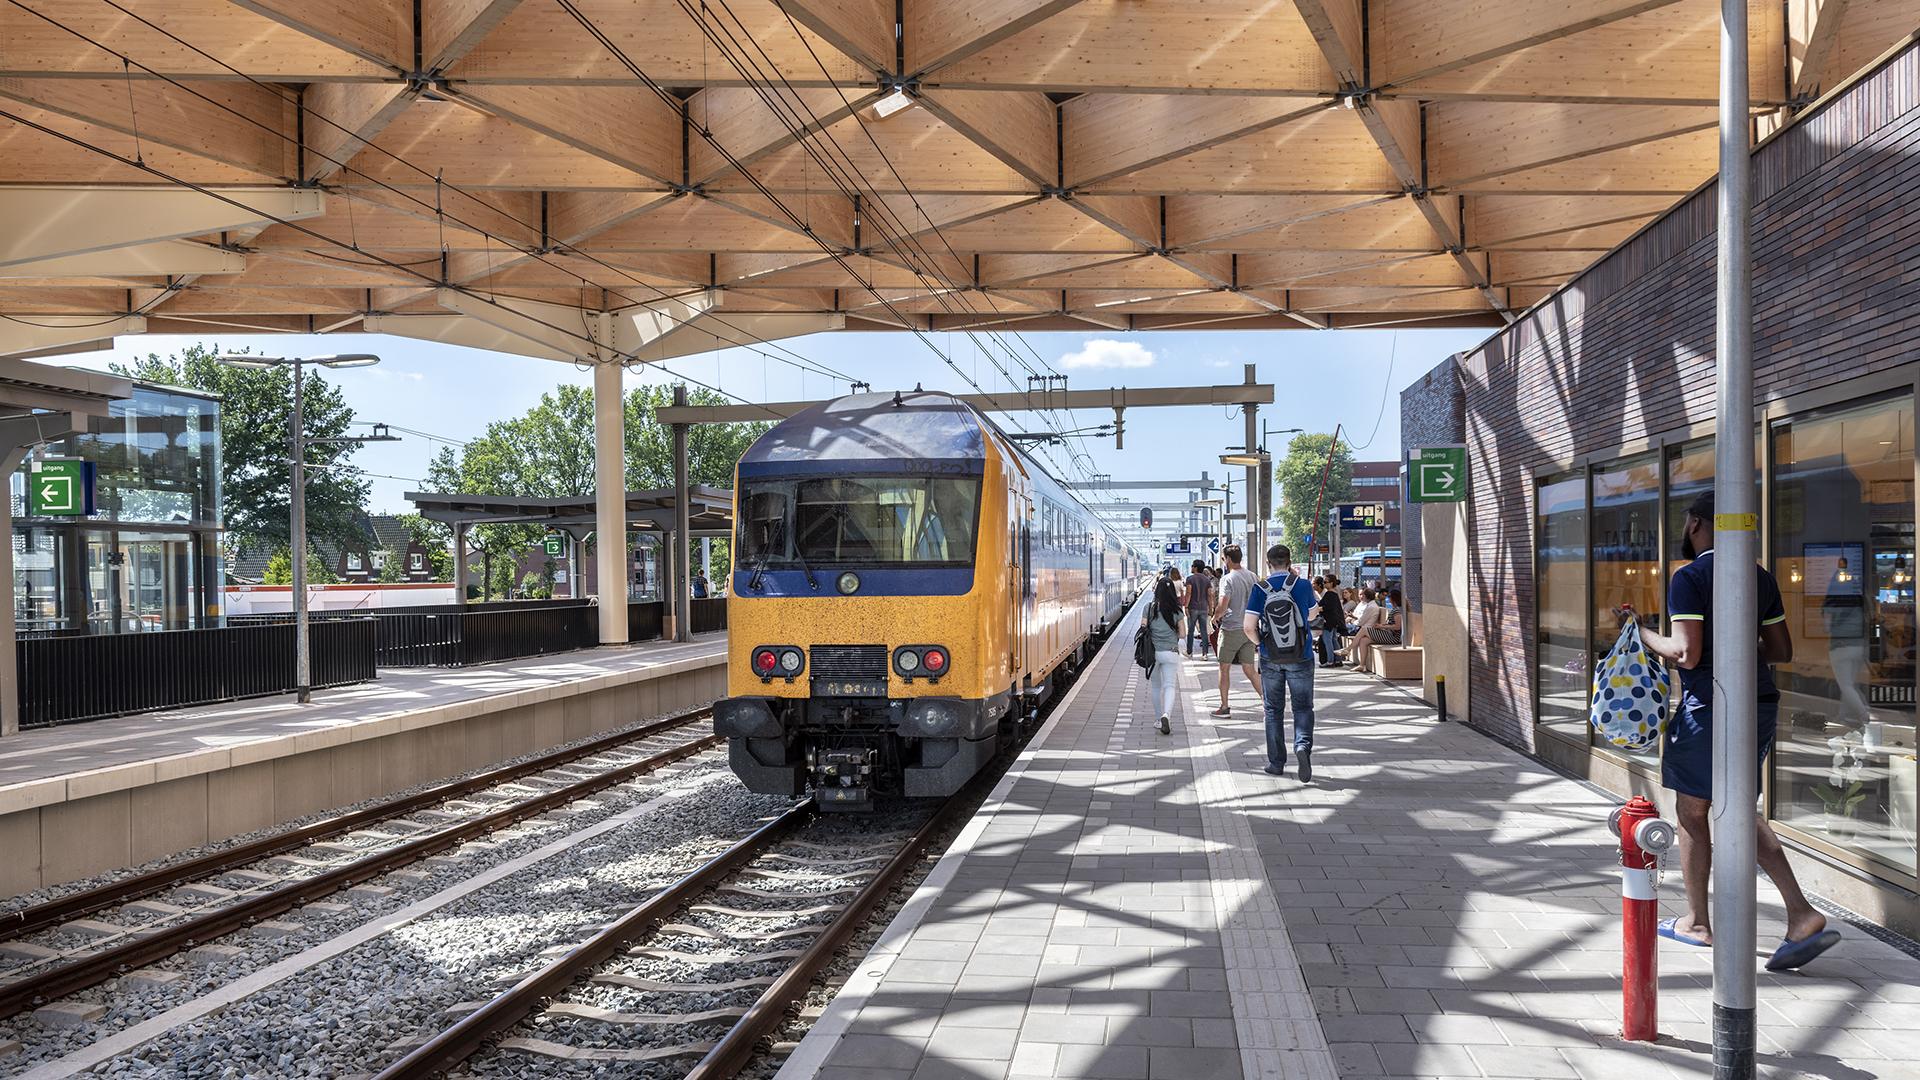 NS station Assen 012 1920×1080